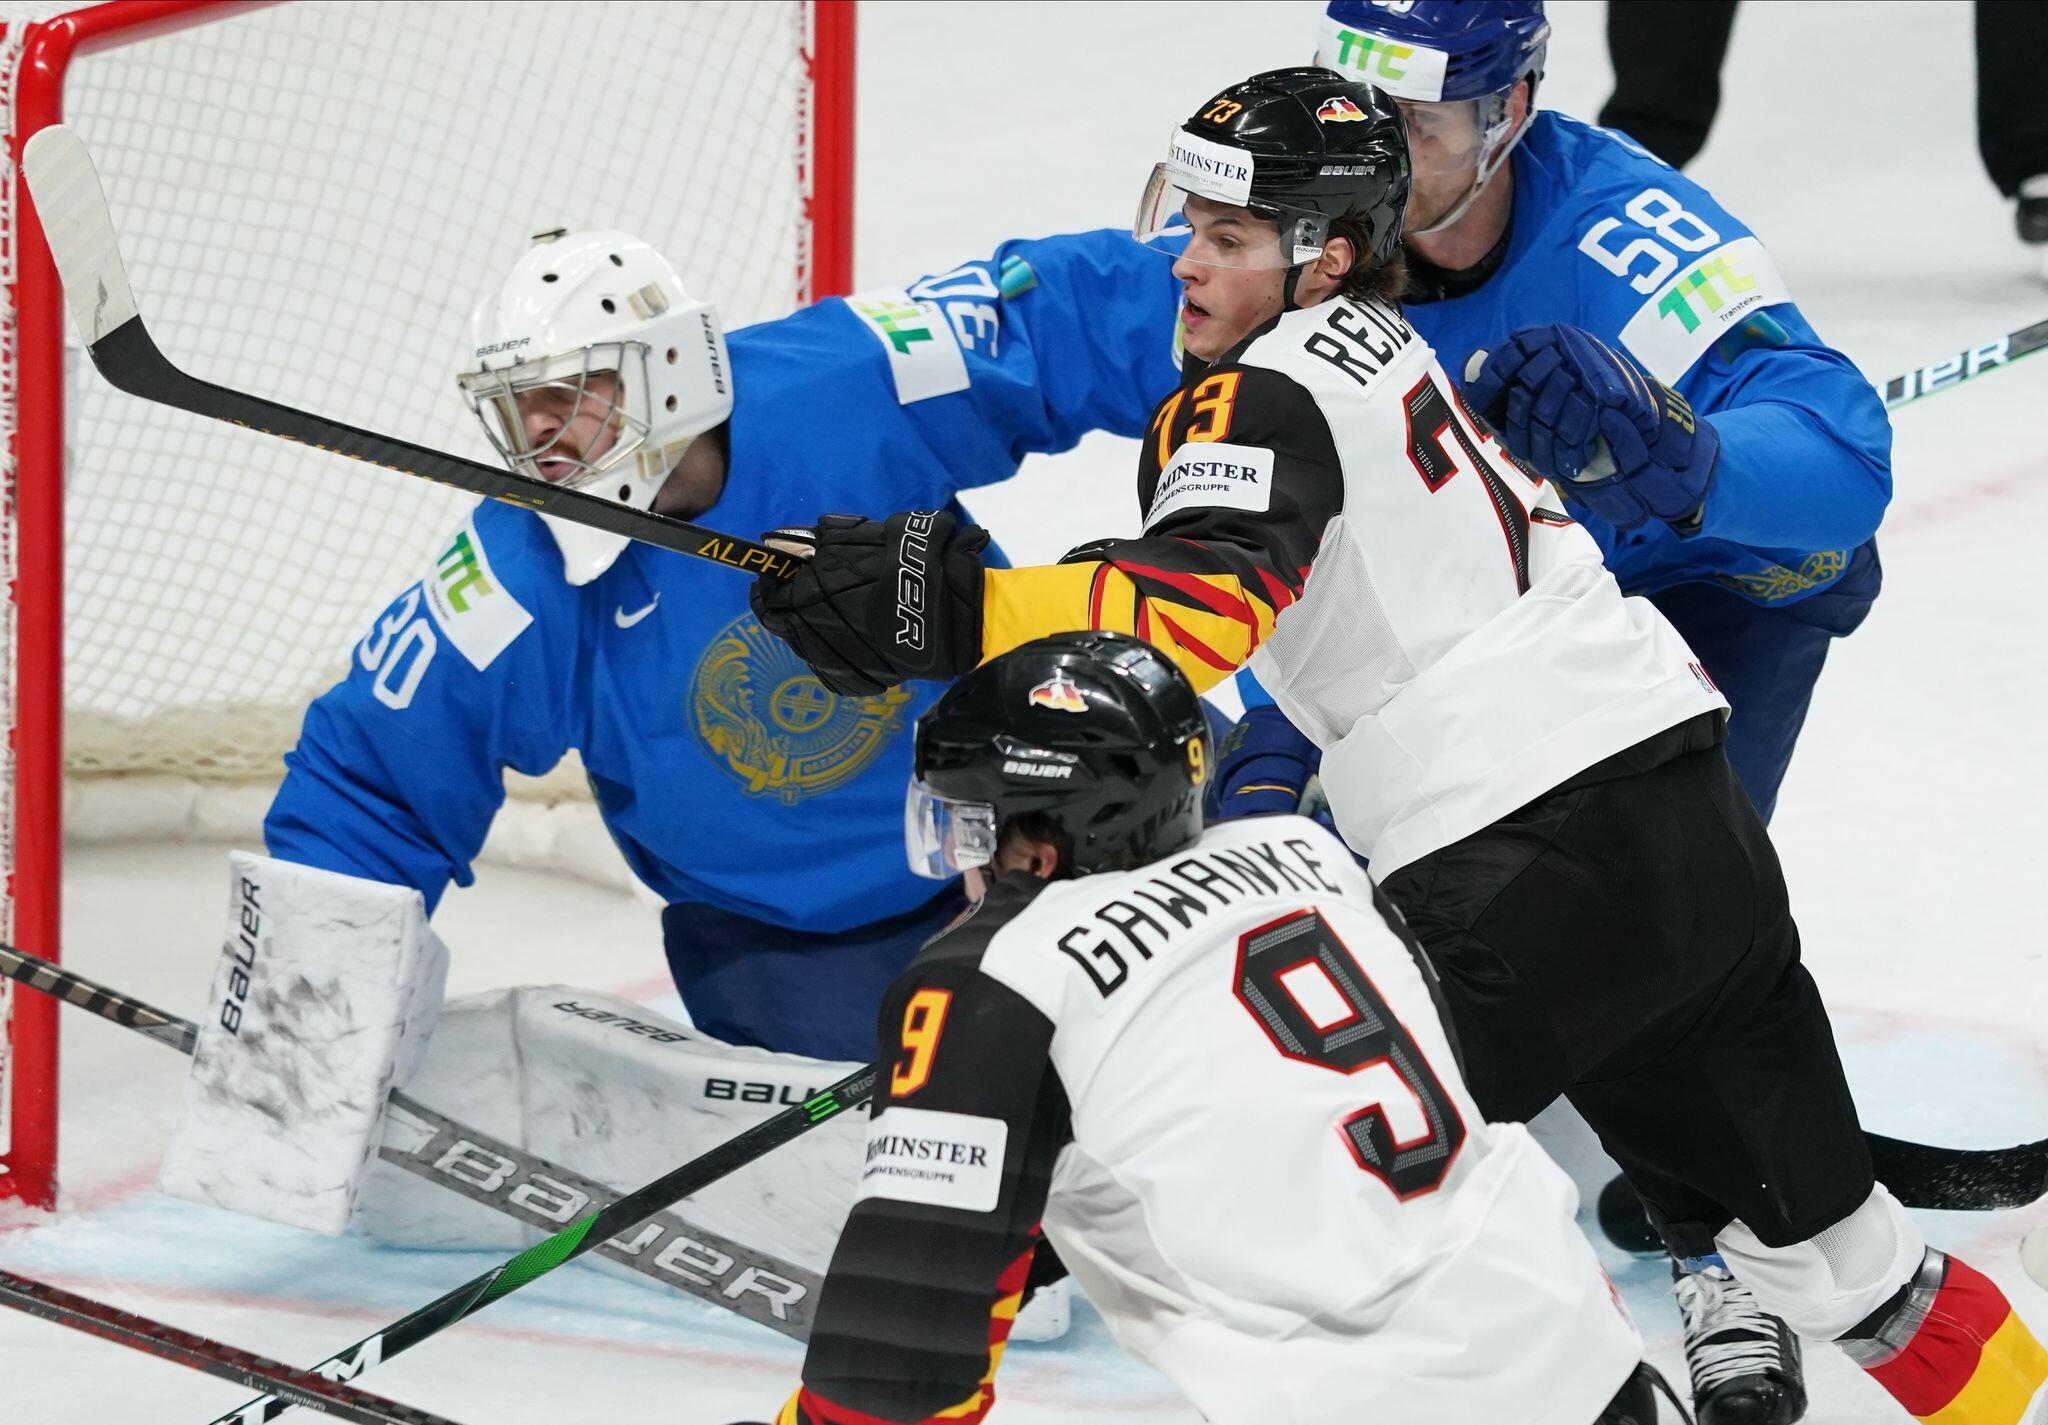 Eishockey Wm Livestream